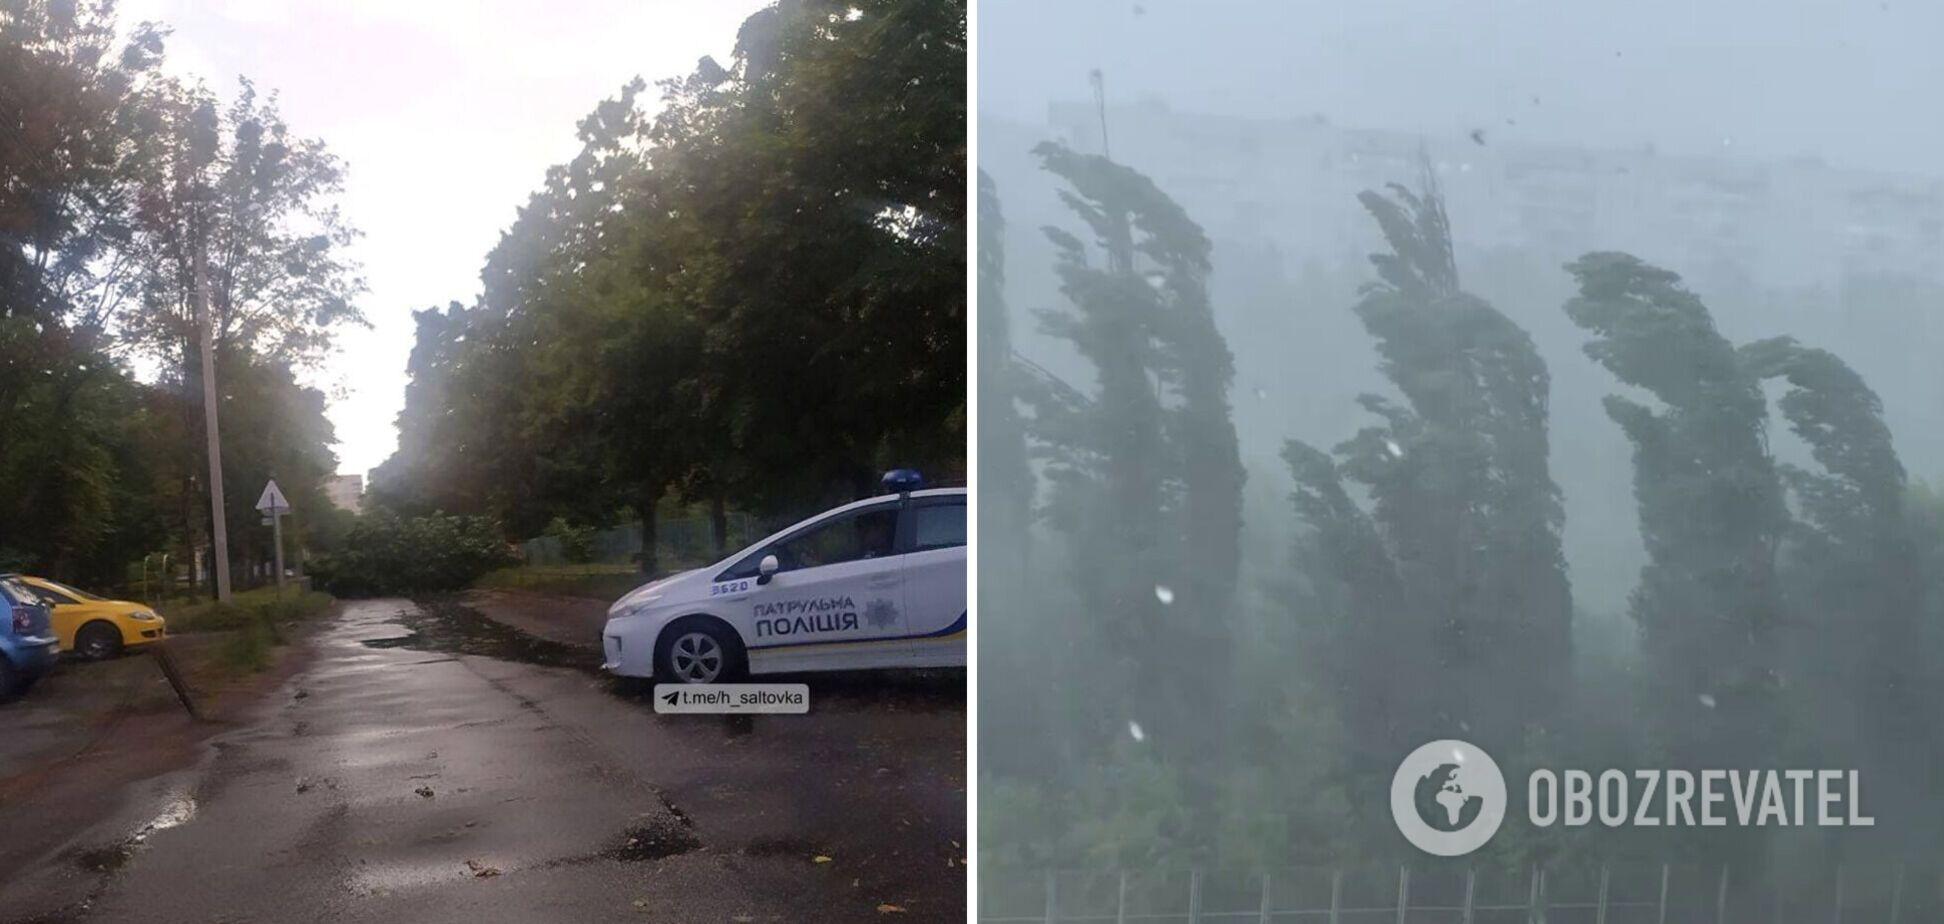 Харьков накрыл ураган: ветер валил деревья, а улицы ушли под воду. Видео